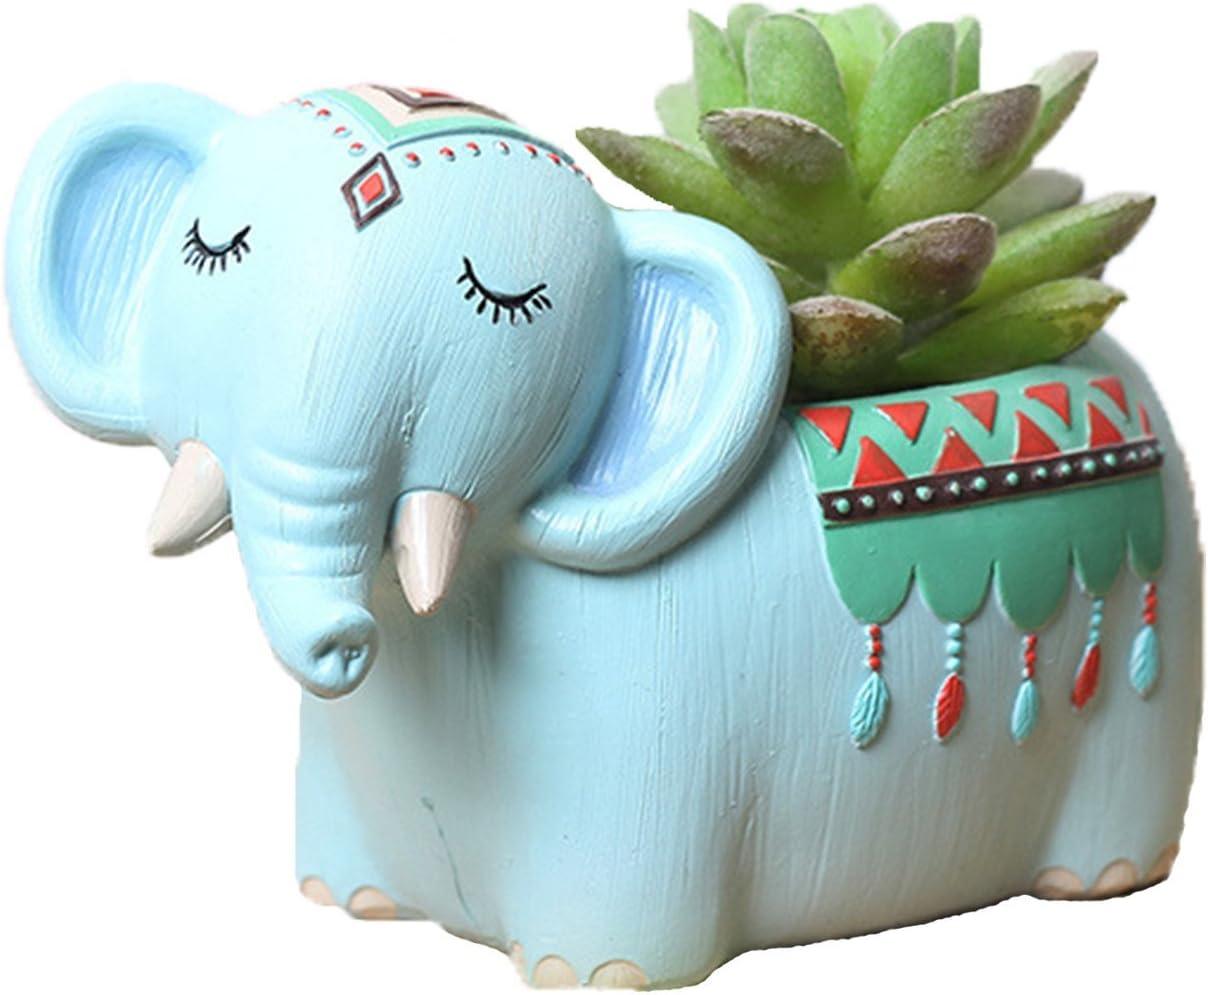 Youfui Home Decor Pot, Animal Succulent Planter Flowerpot for Home Office Desk Decoration (Cool Elephant)